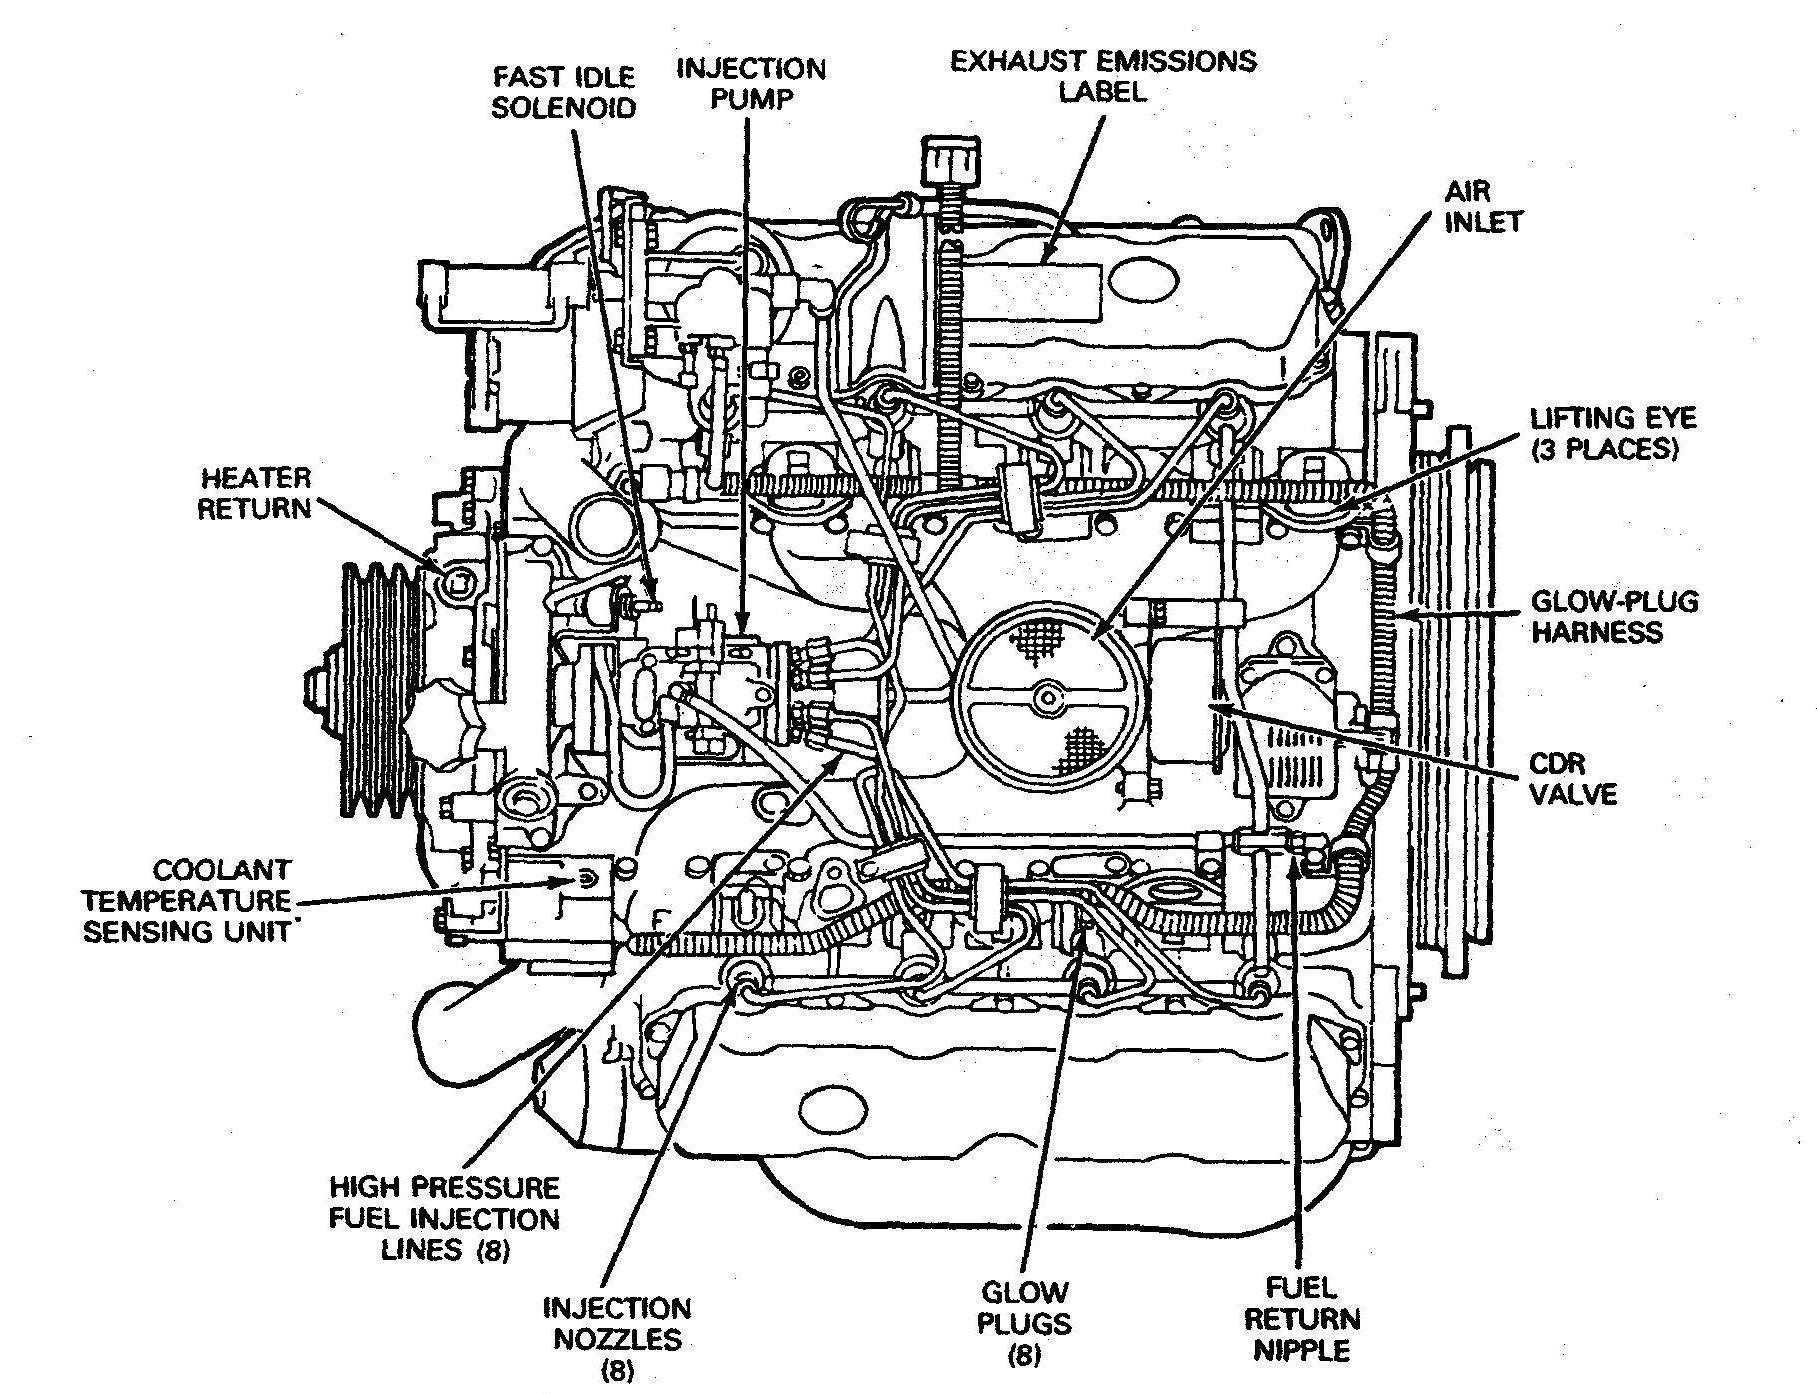 Diesel Engine Diagrams Pictures Powerstroke Car Engine Engineering